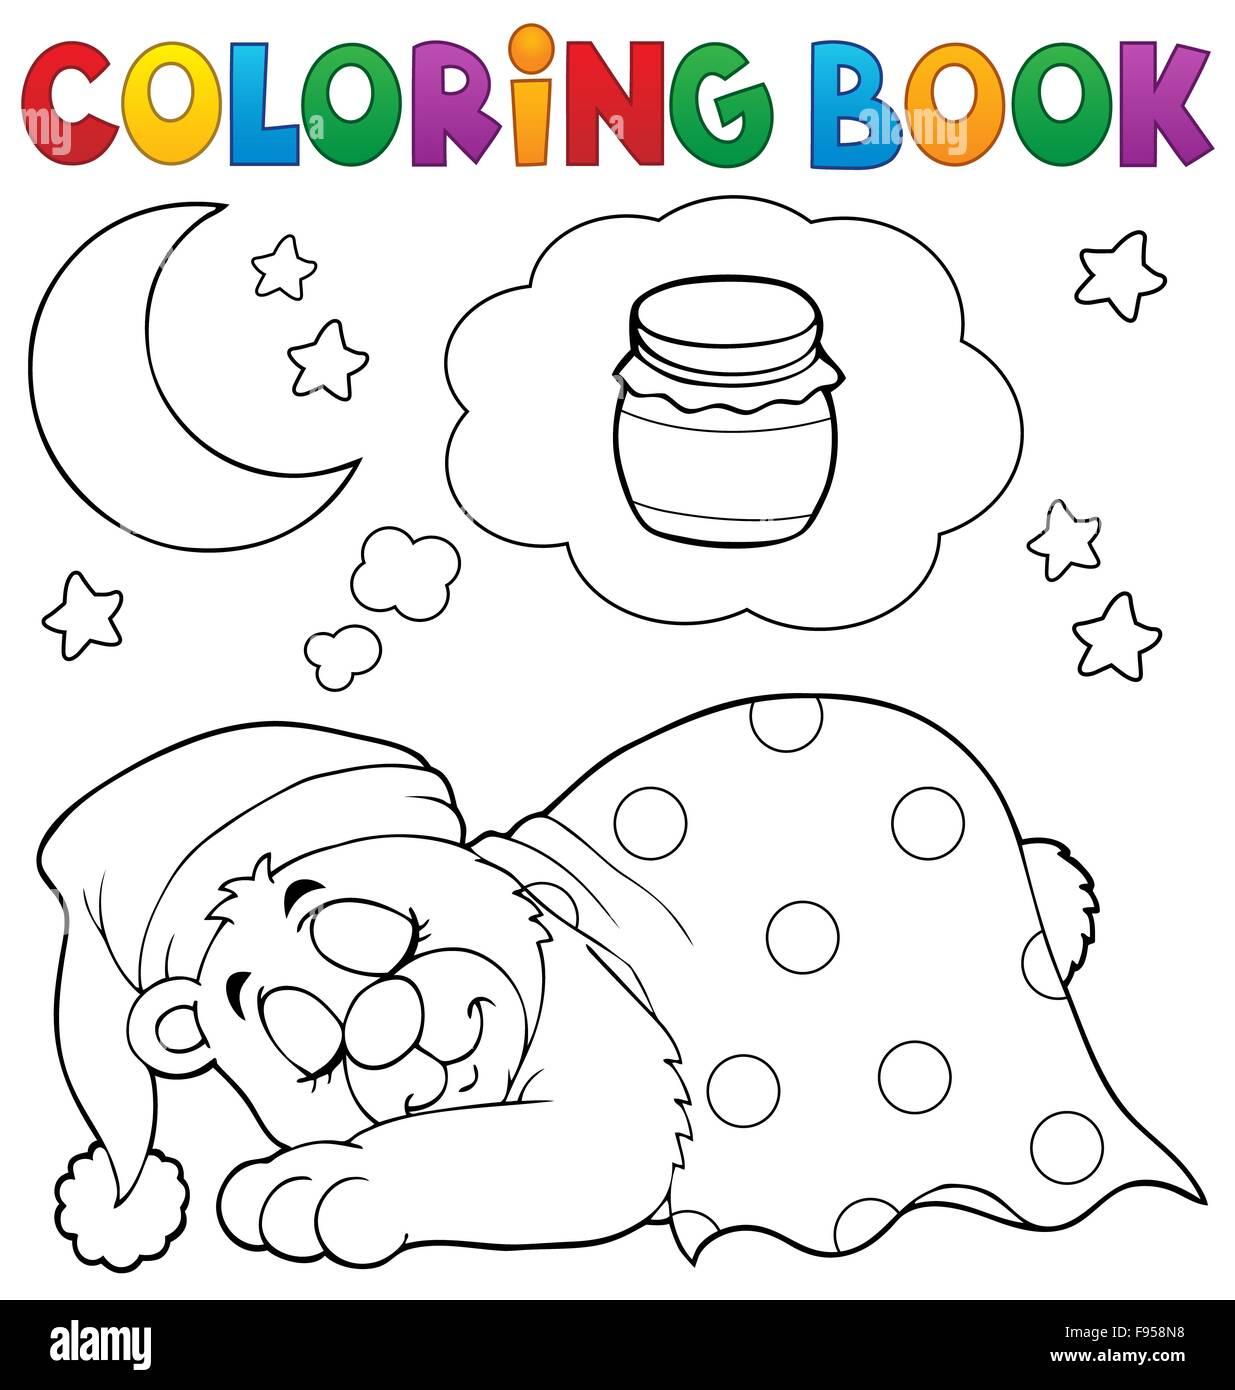 Honey Colouring Imágenes De Stock & Honey Colouring Fotos De Stock ...